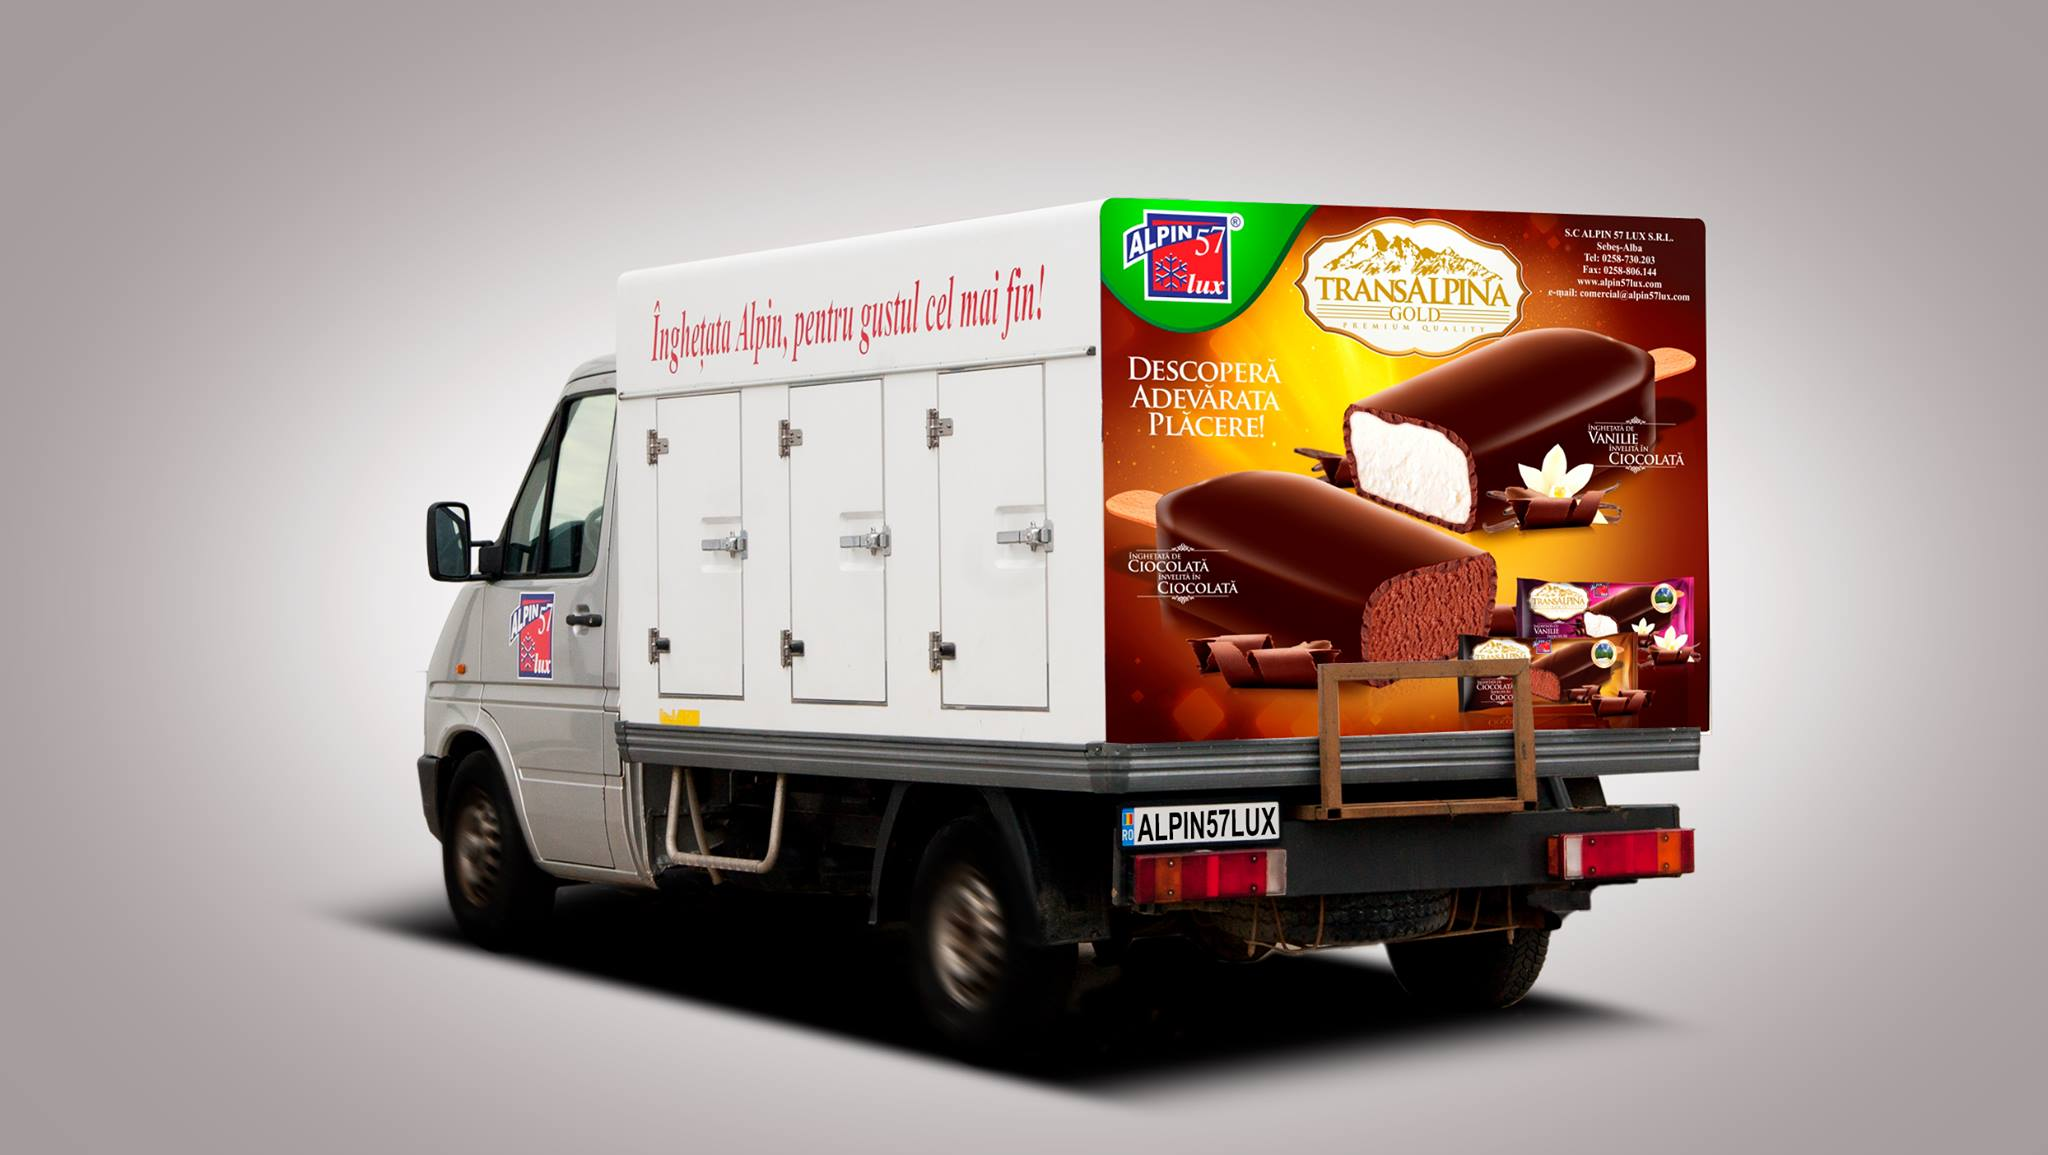 Un nou joint-venture în FMCG: Alpin57Lux se aliază cu gigantul leton Food Union